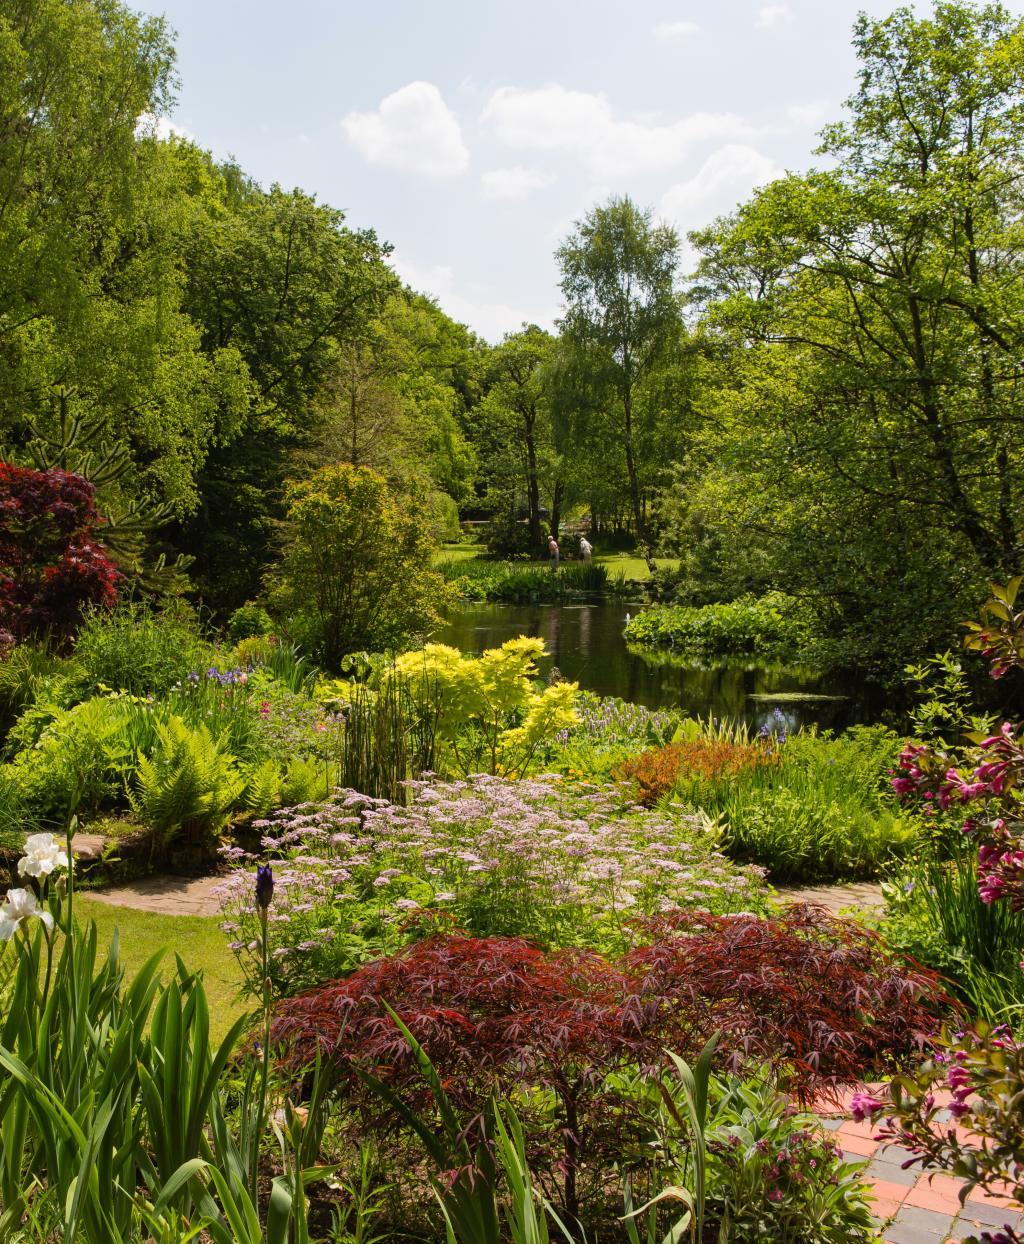 Stonyford Cottage Gardens & Nursery (7 Day Weather